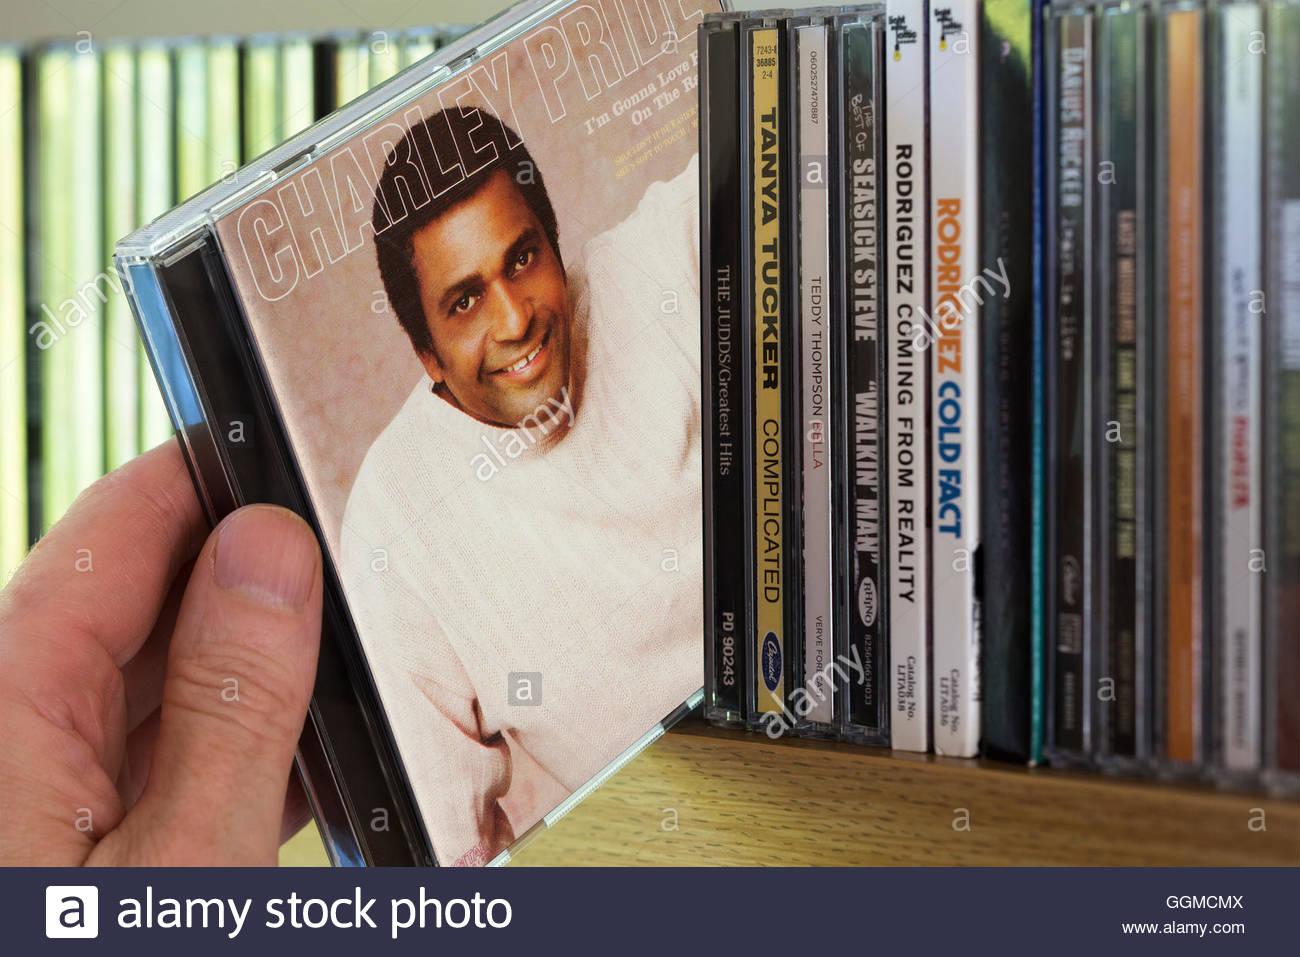 Charley Pride mi stupirà il suo amore sulla Radio CD essendo scelto da un ripiano di altri CD Immagini Stock